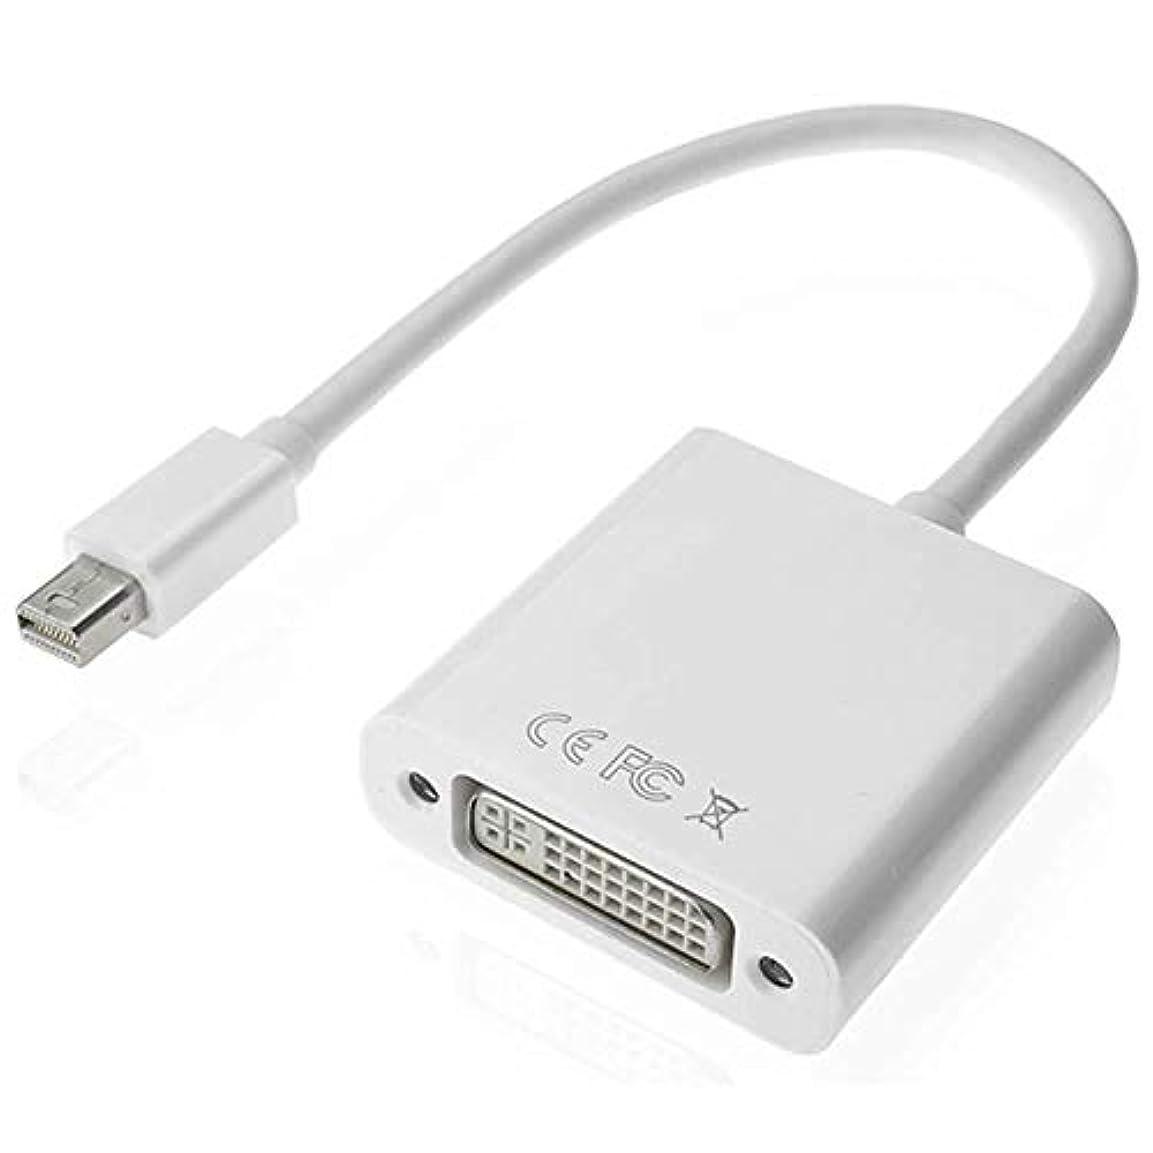 控えめなリスト部屋を掃除するMini DisplayPort-DVI変換アダプタ mini DisplayPort adapter Mini Displayport to DVI 変換ケーブル アップル Mac ノートブック対応